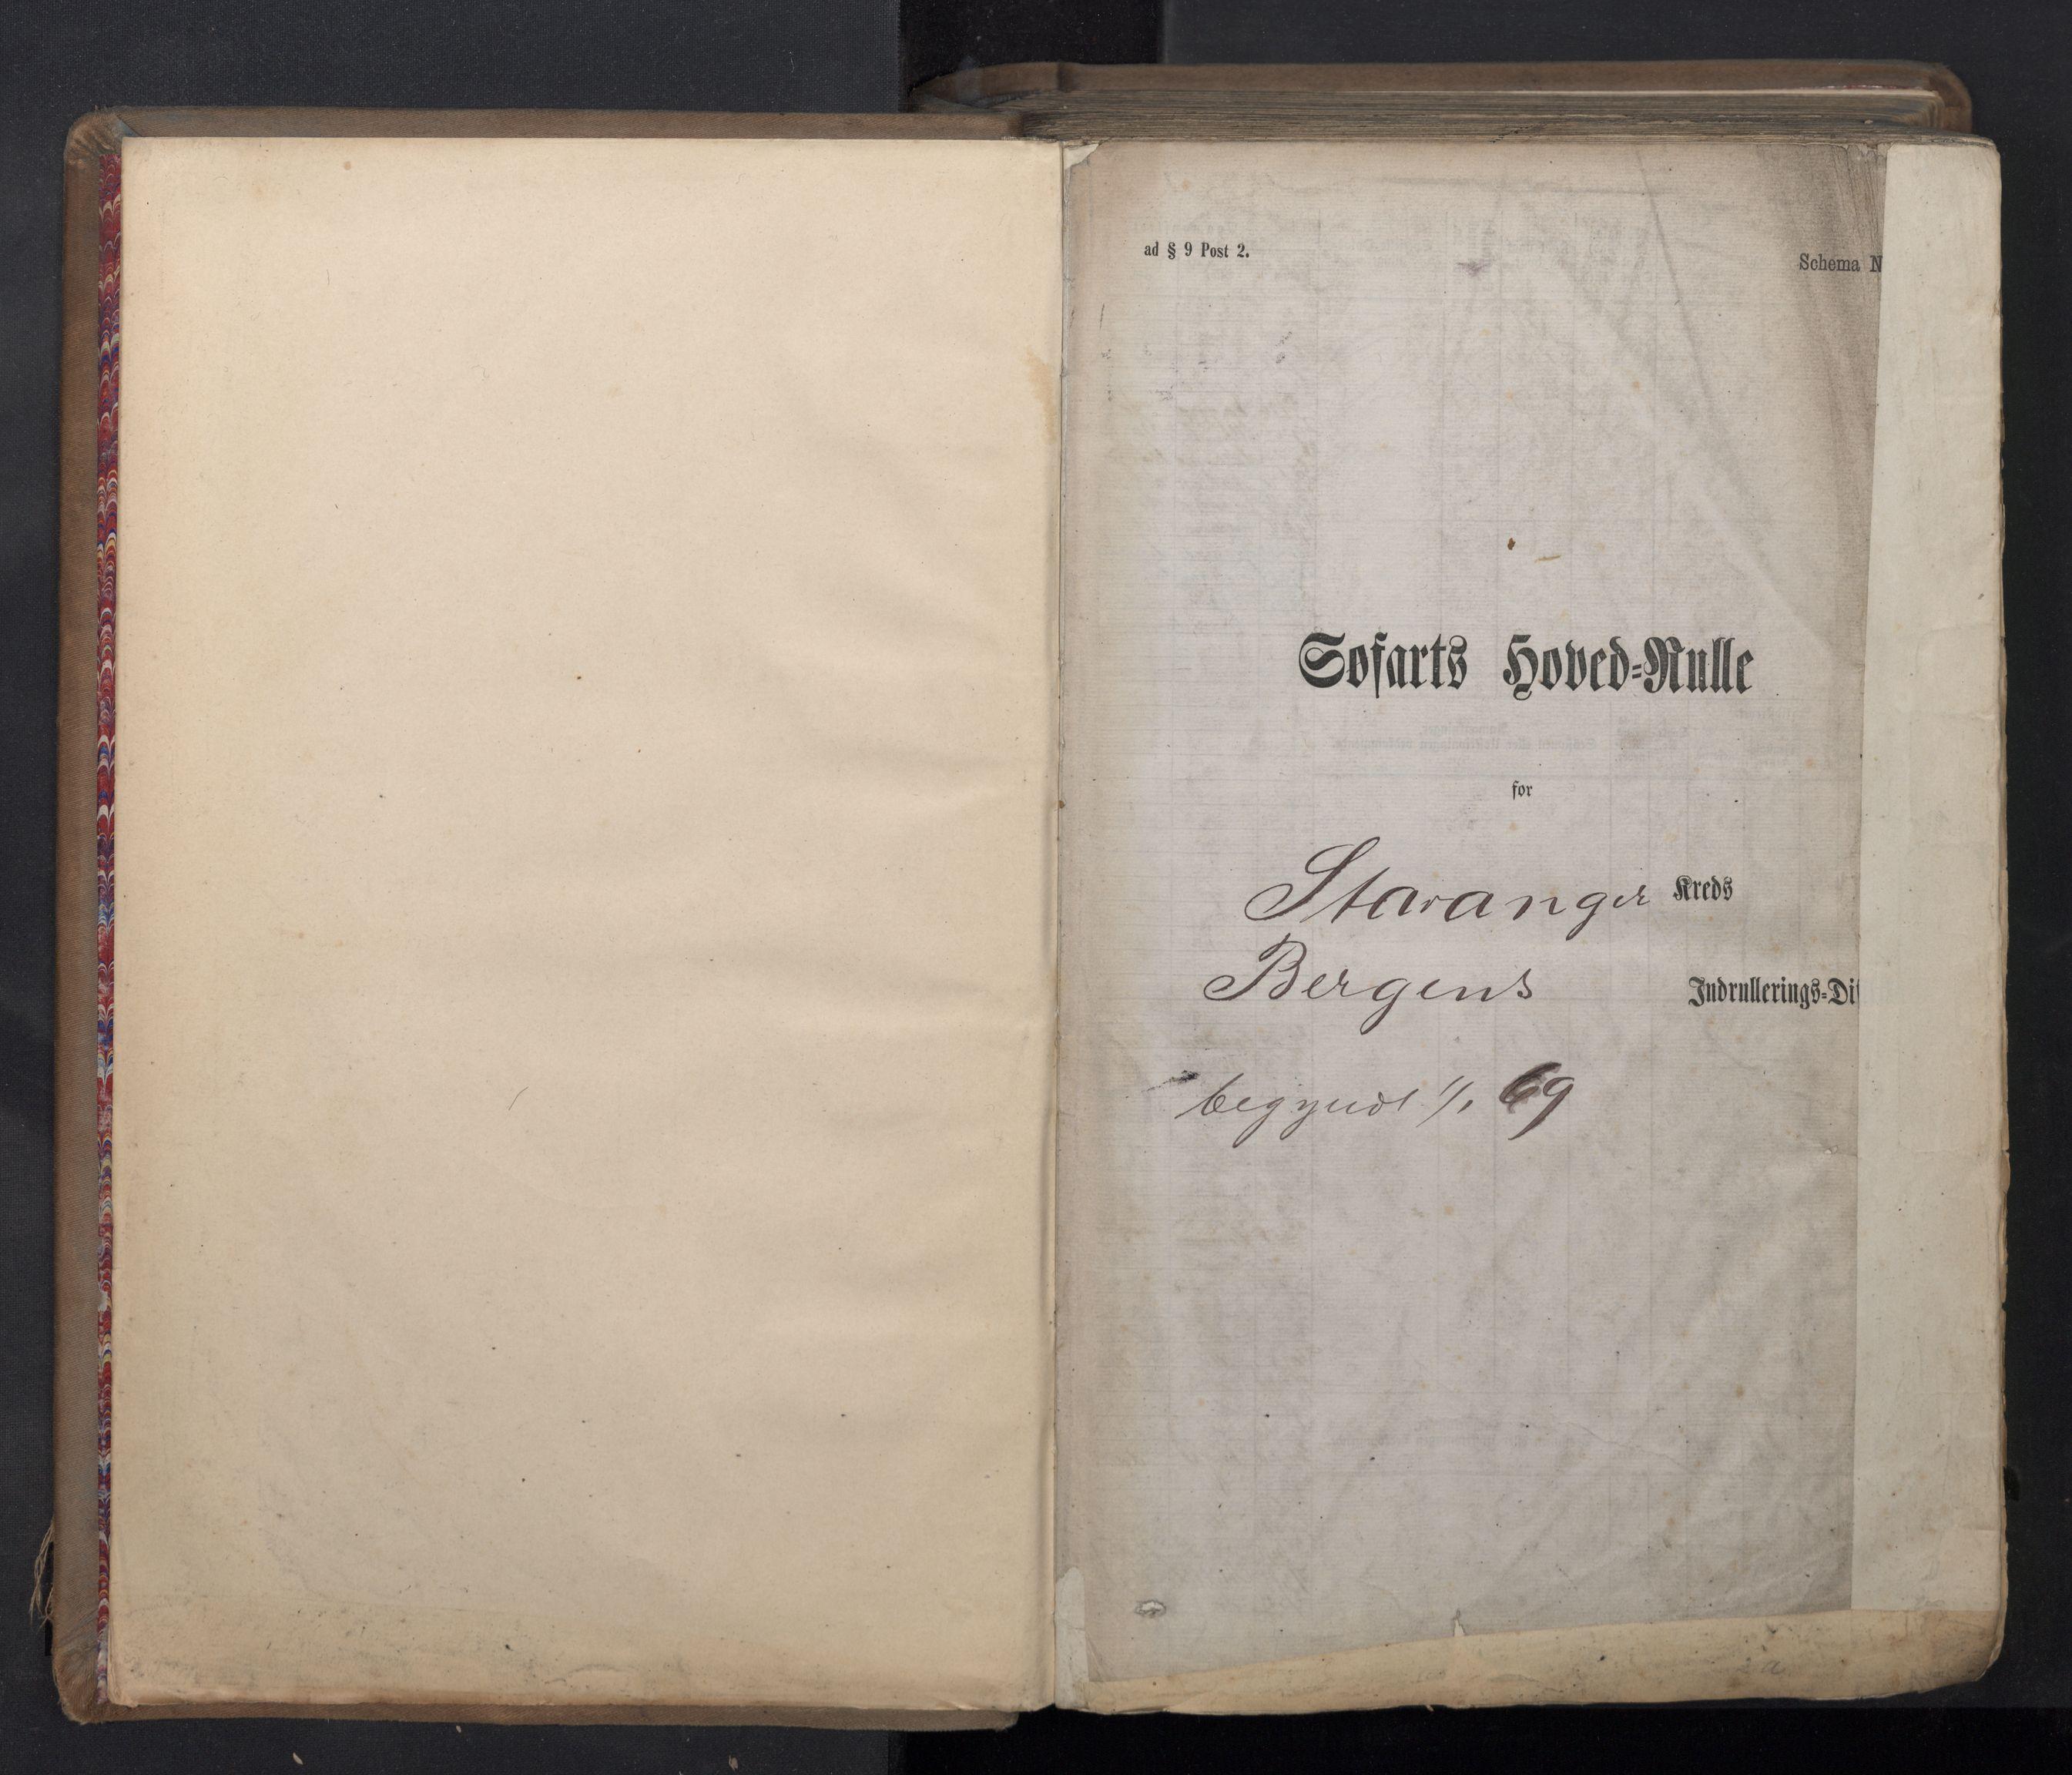 SAST, Stavanger sjømannskontor, F/Fb/Fbb/L0018: Sjøfartshovedrulle patnentnr. 2402-3602 (dublett), 1869, s. 3